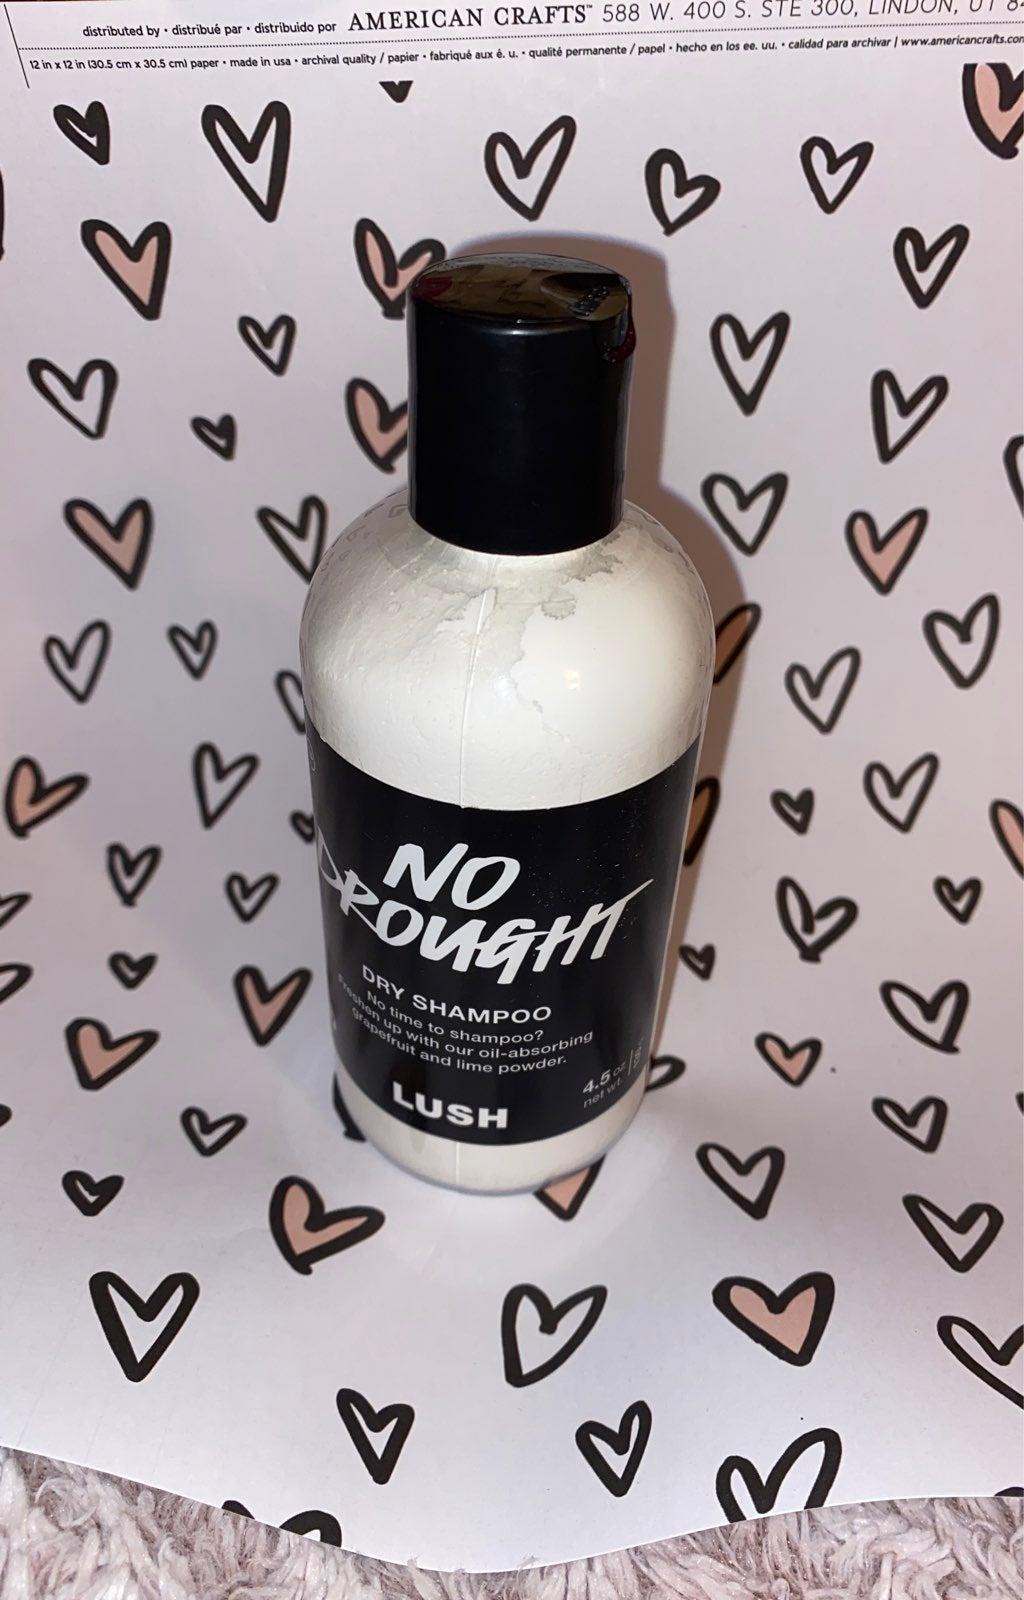 Lush- No Drought 4.5oz